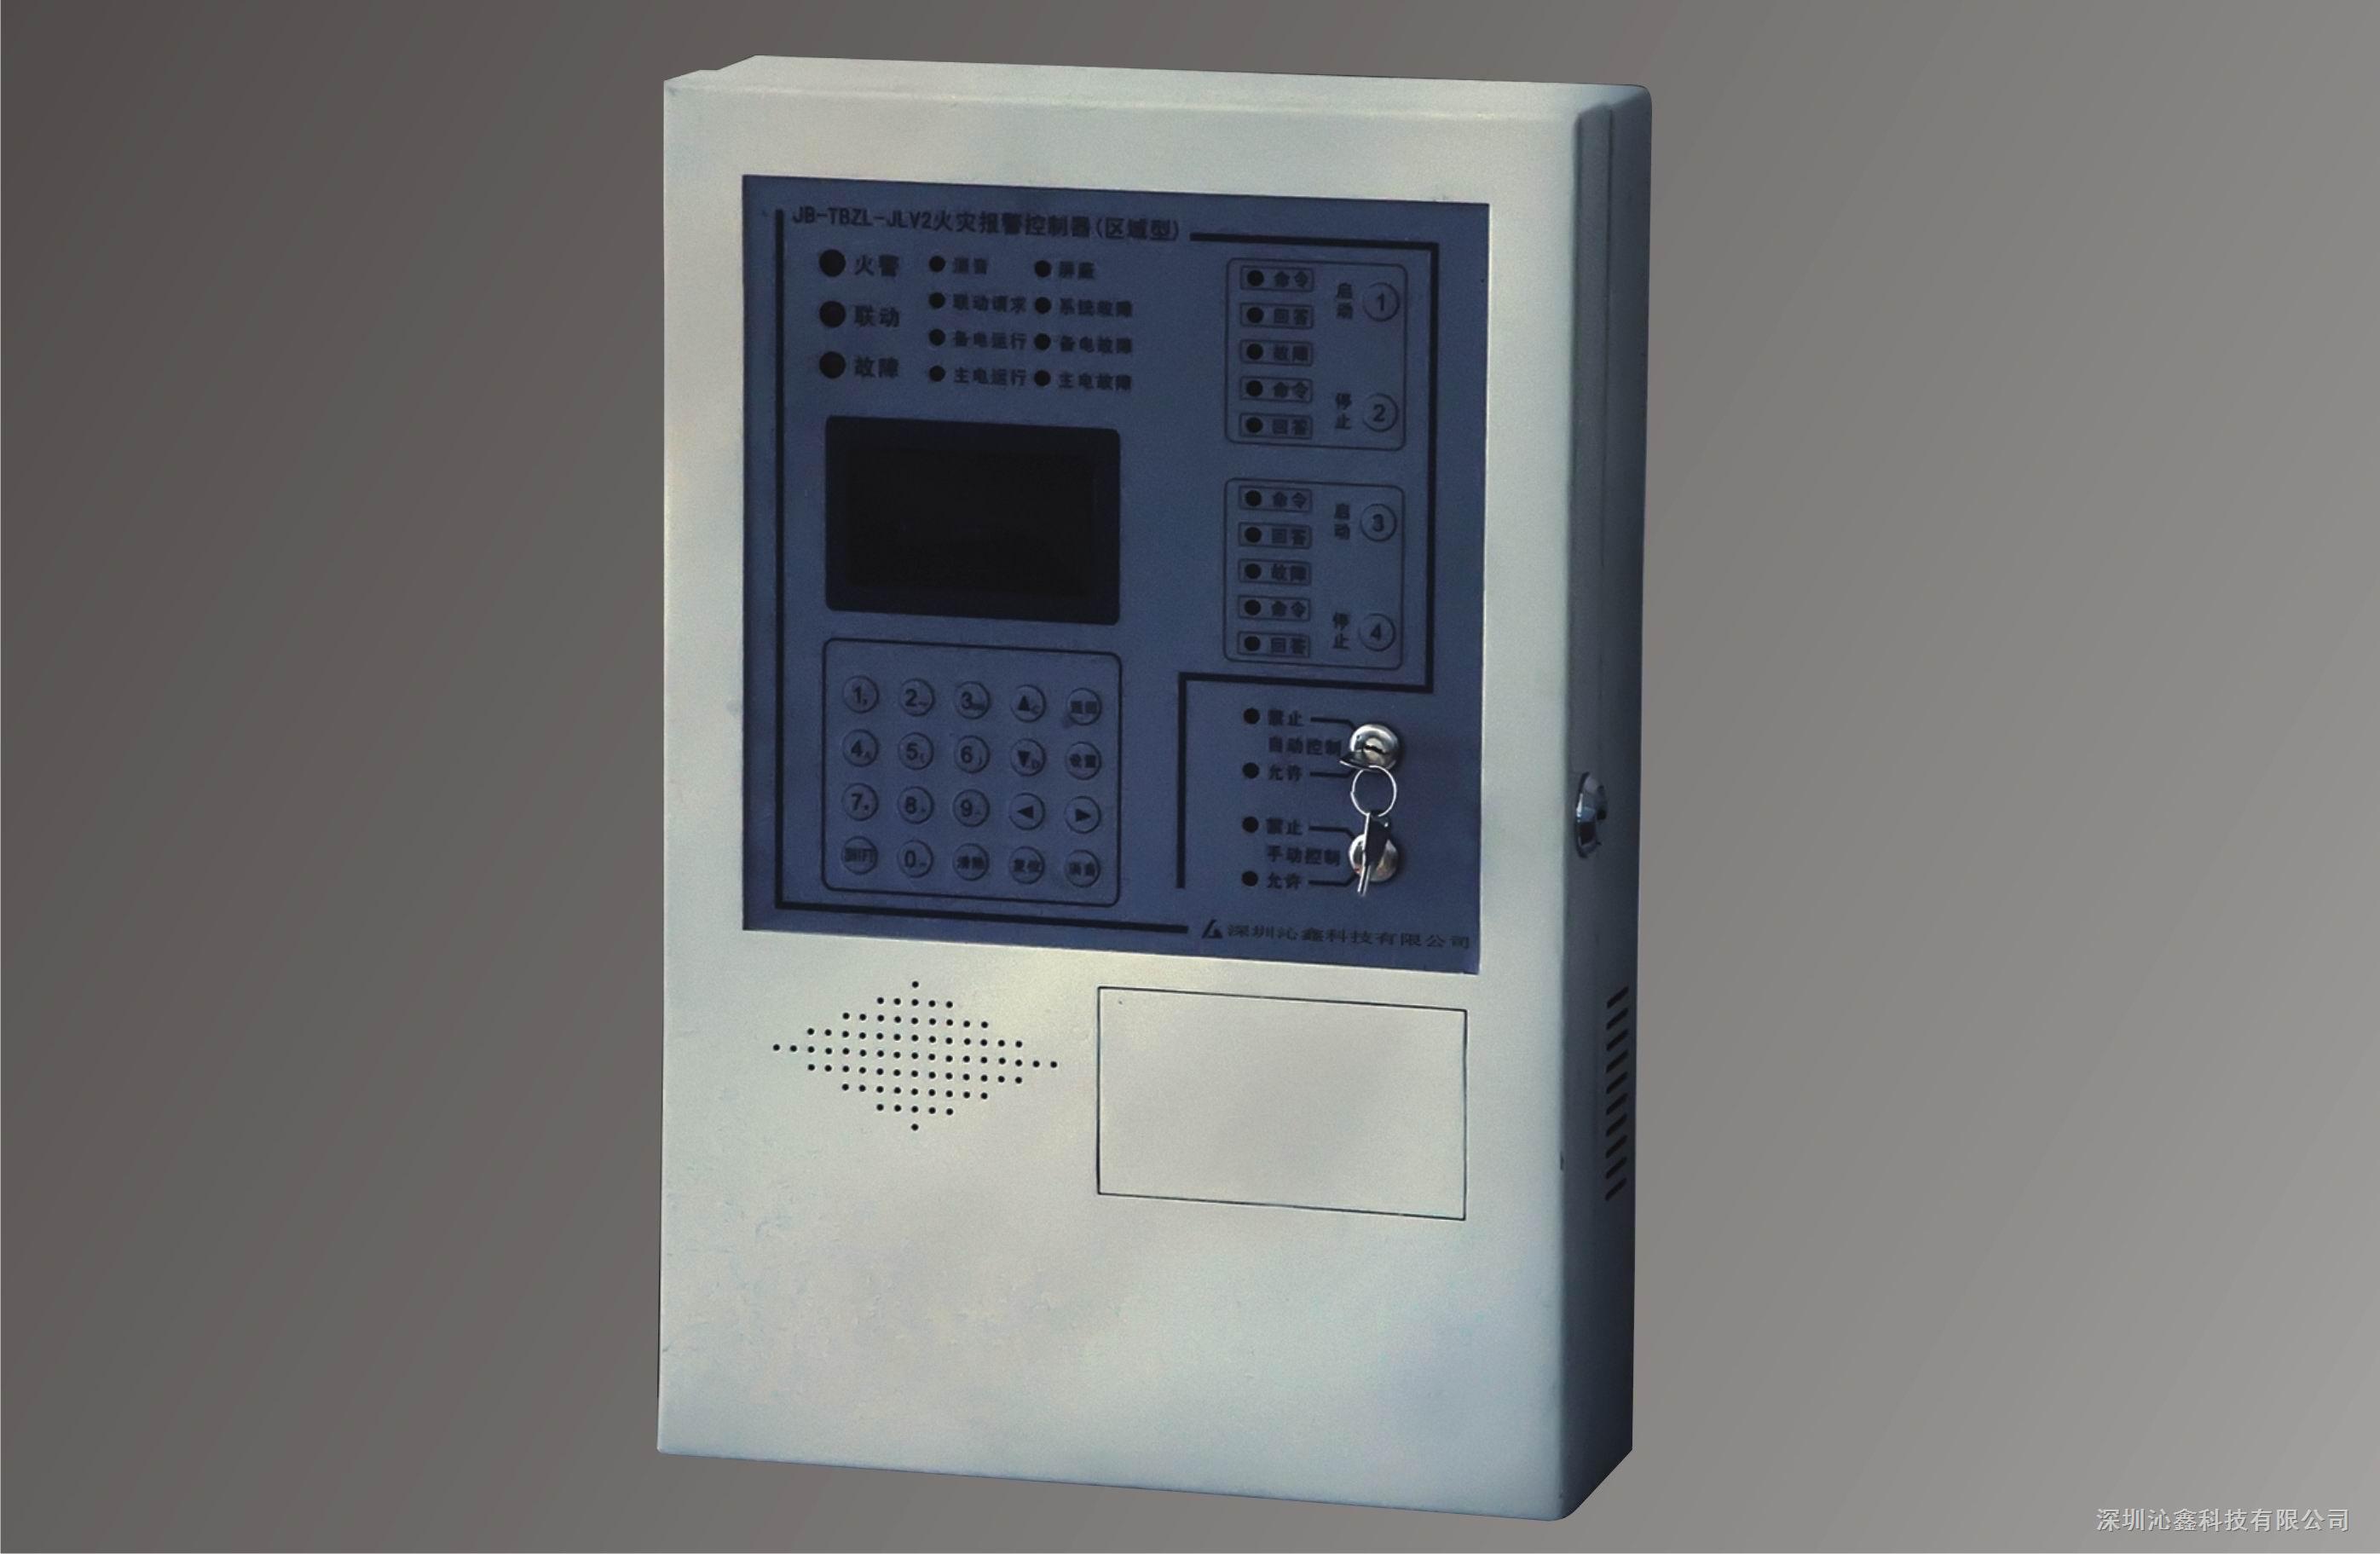 火灾报警控制主机/消防报警控制器/消防报警控制主机壁挂式(无联动)